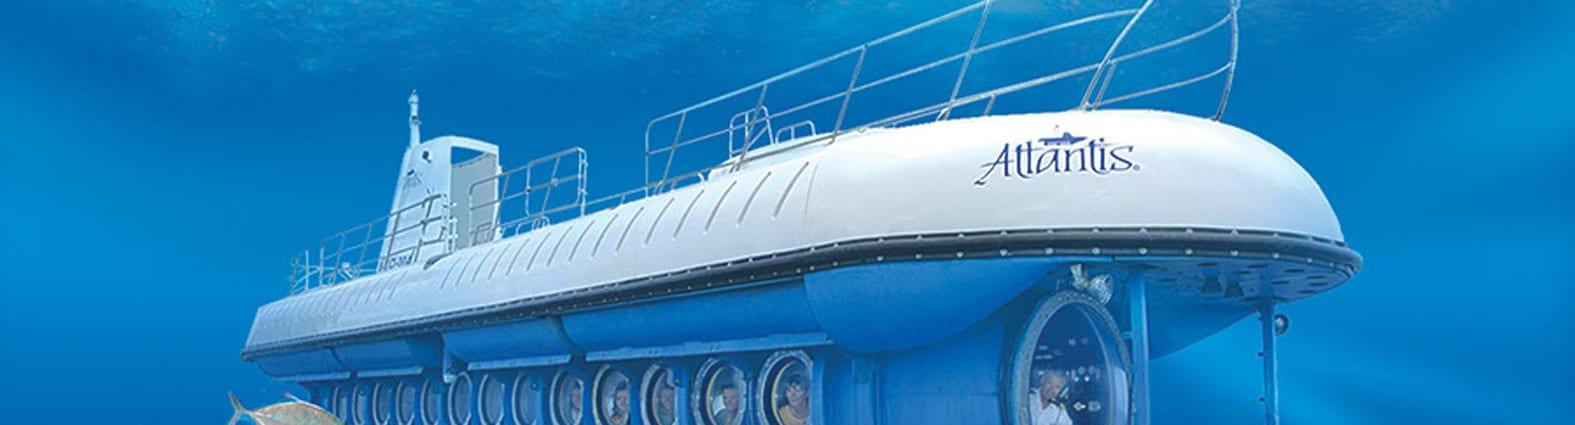 Atlantis Submarine Maui Hawaii - 2104